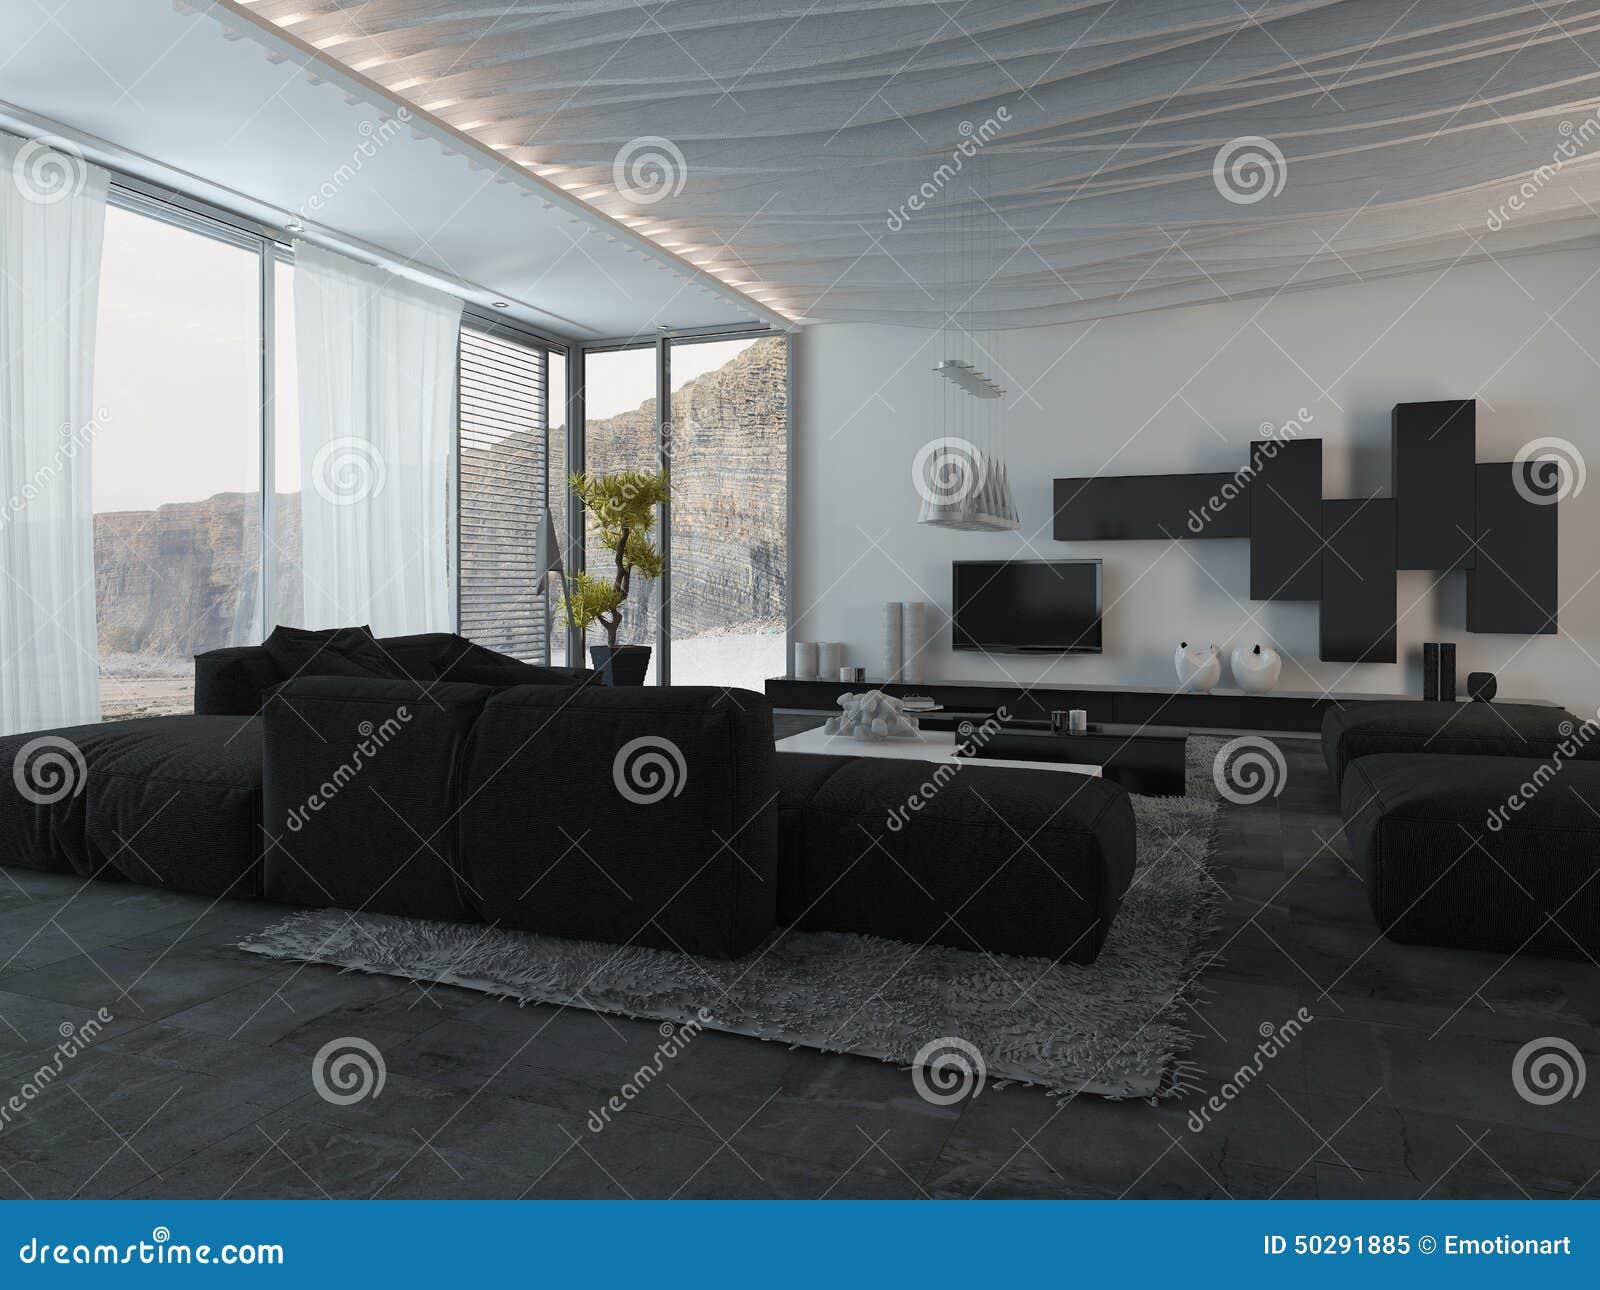 Schwarze Möbel Am Wohnzimmer Stock Abbildung - Illustration von idee ...